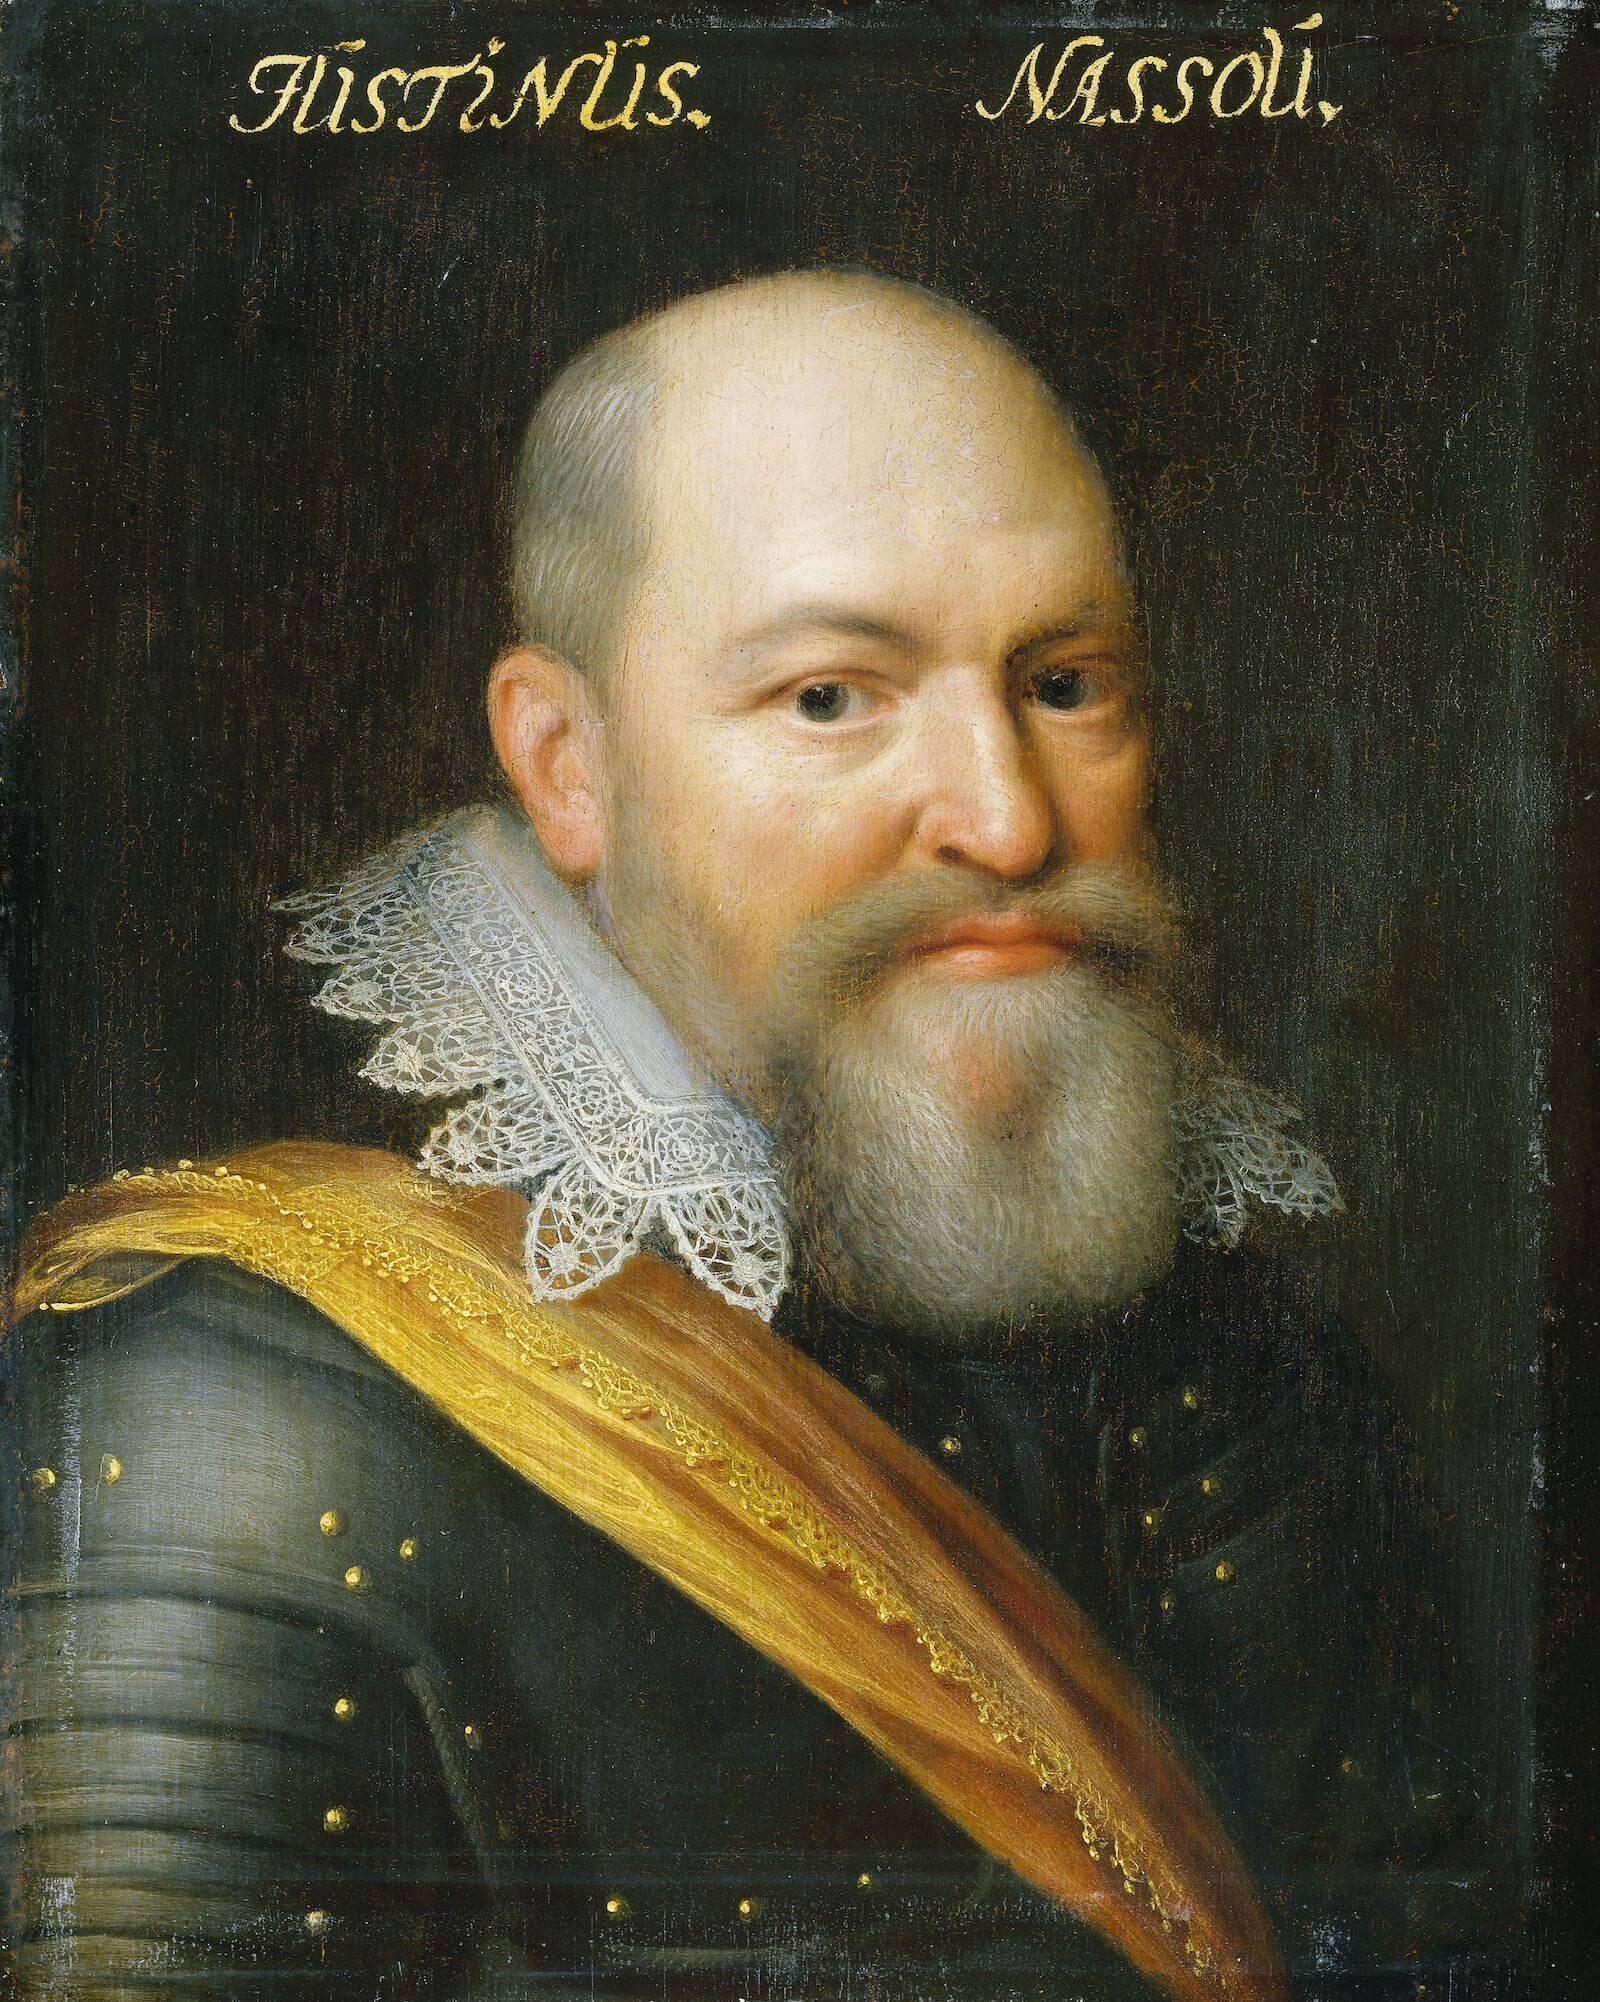 Justino de Nassau Justinus van nassau